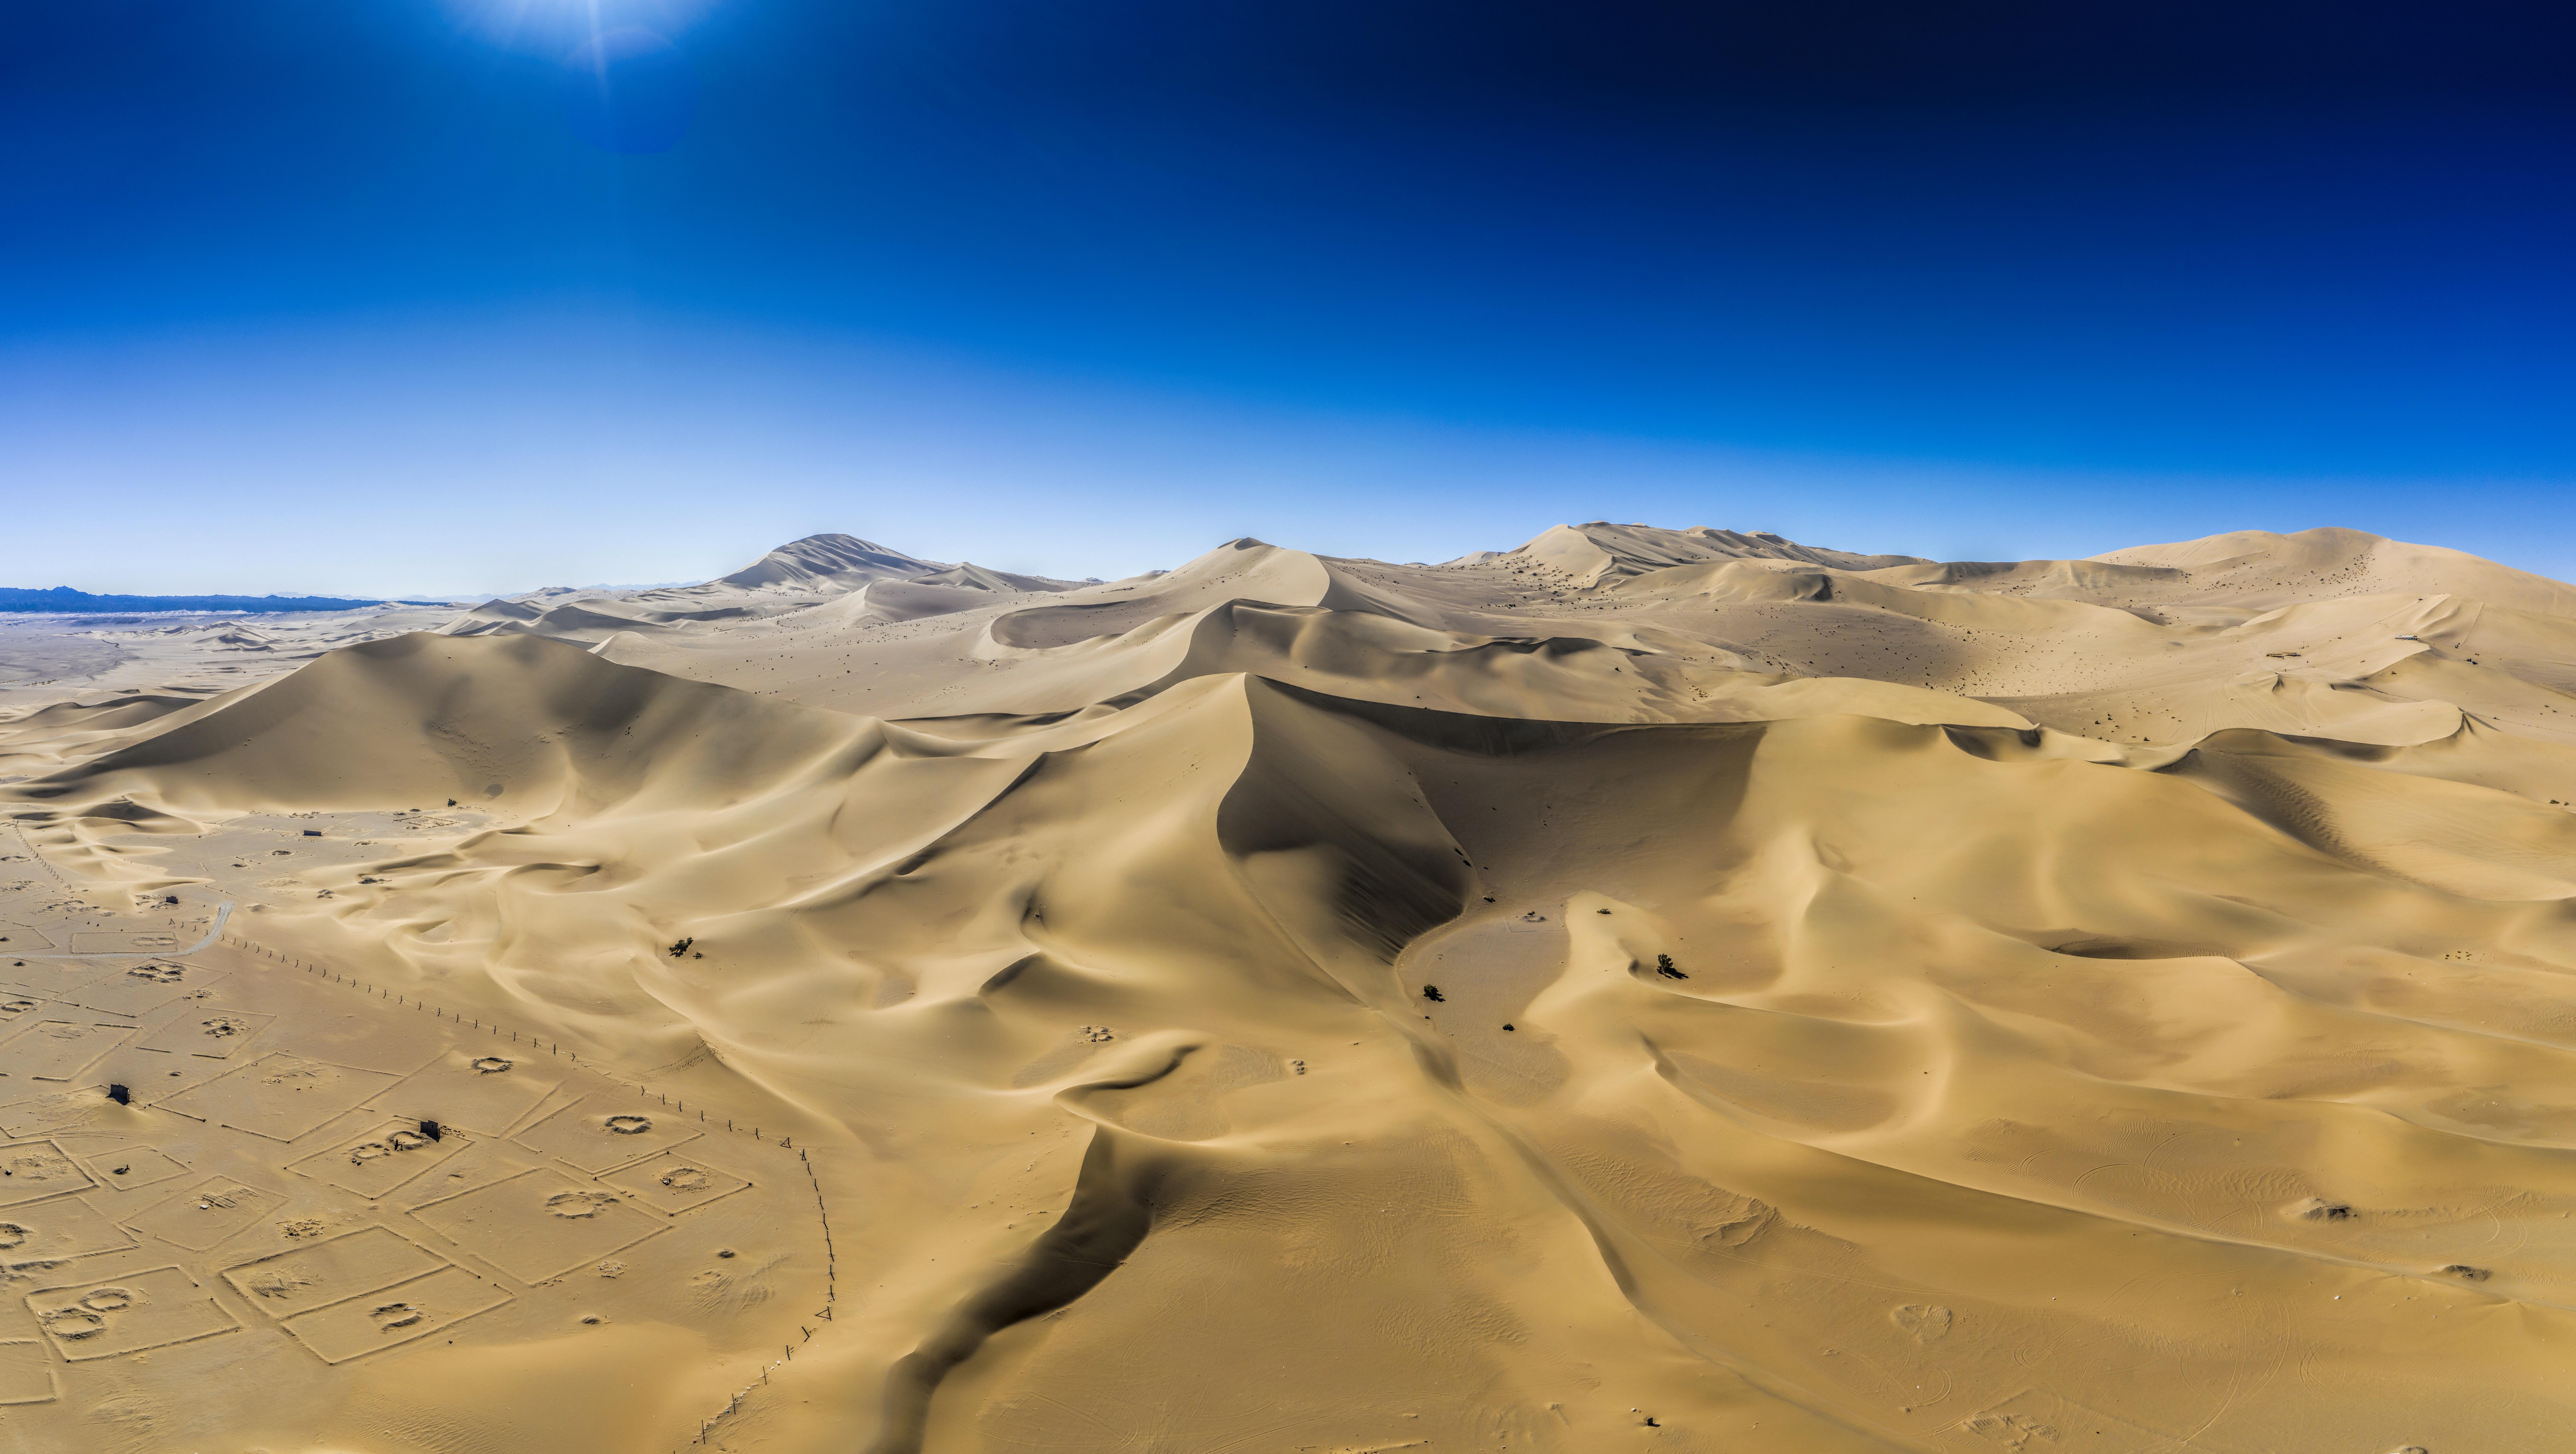 Геопарк Ярджанг известен също като Призрачен град, се намира на 180 километра северозападно от Дунхуан. Паркът съдържа скални образувания с уникална форма, разработени за период от 700 000 години, обхваща площ от 400 квадратни километра и е част от защитените зони на ЮНЕСКО